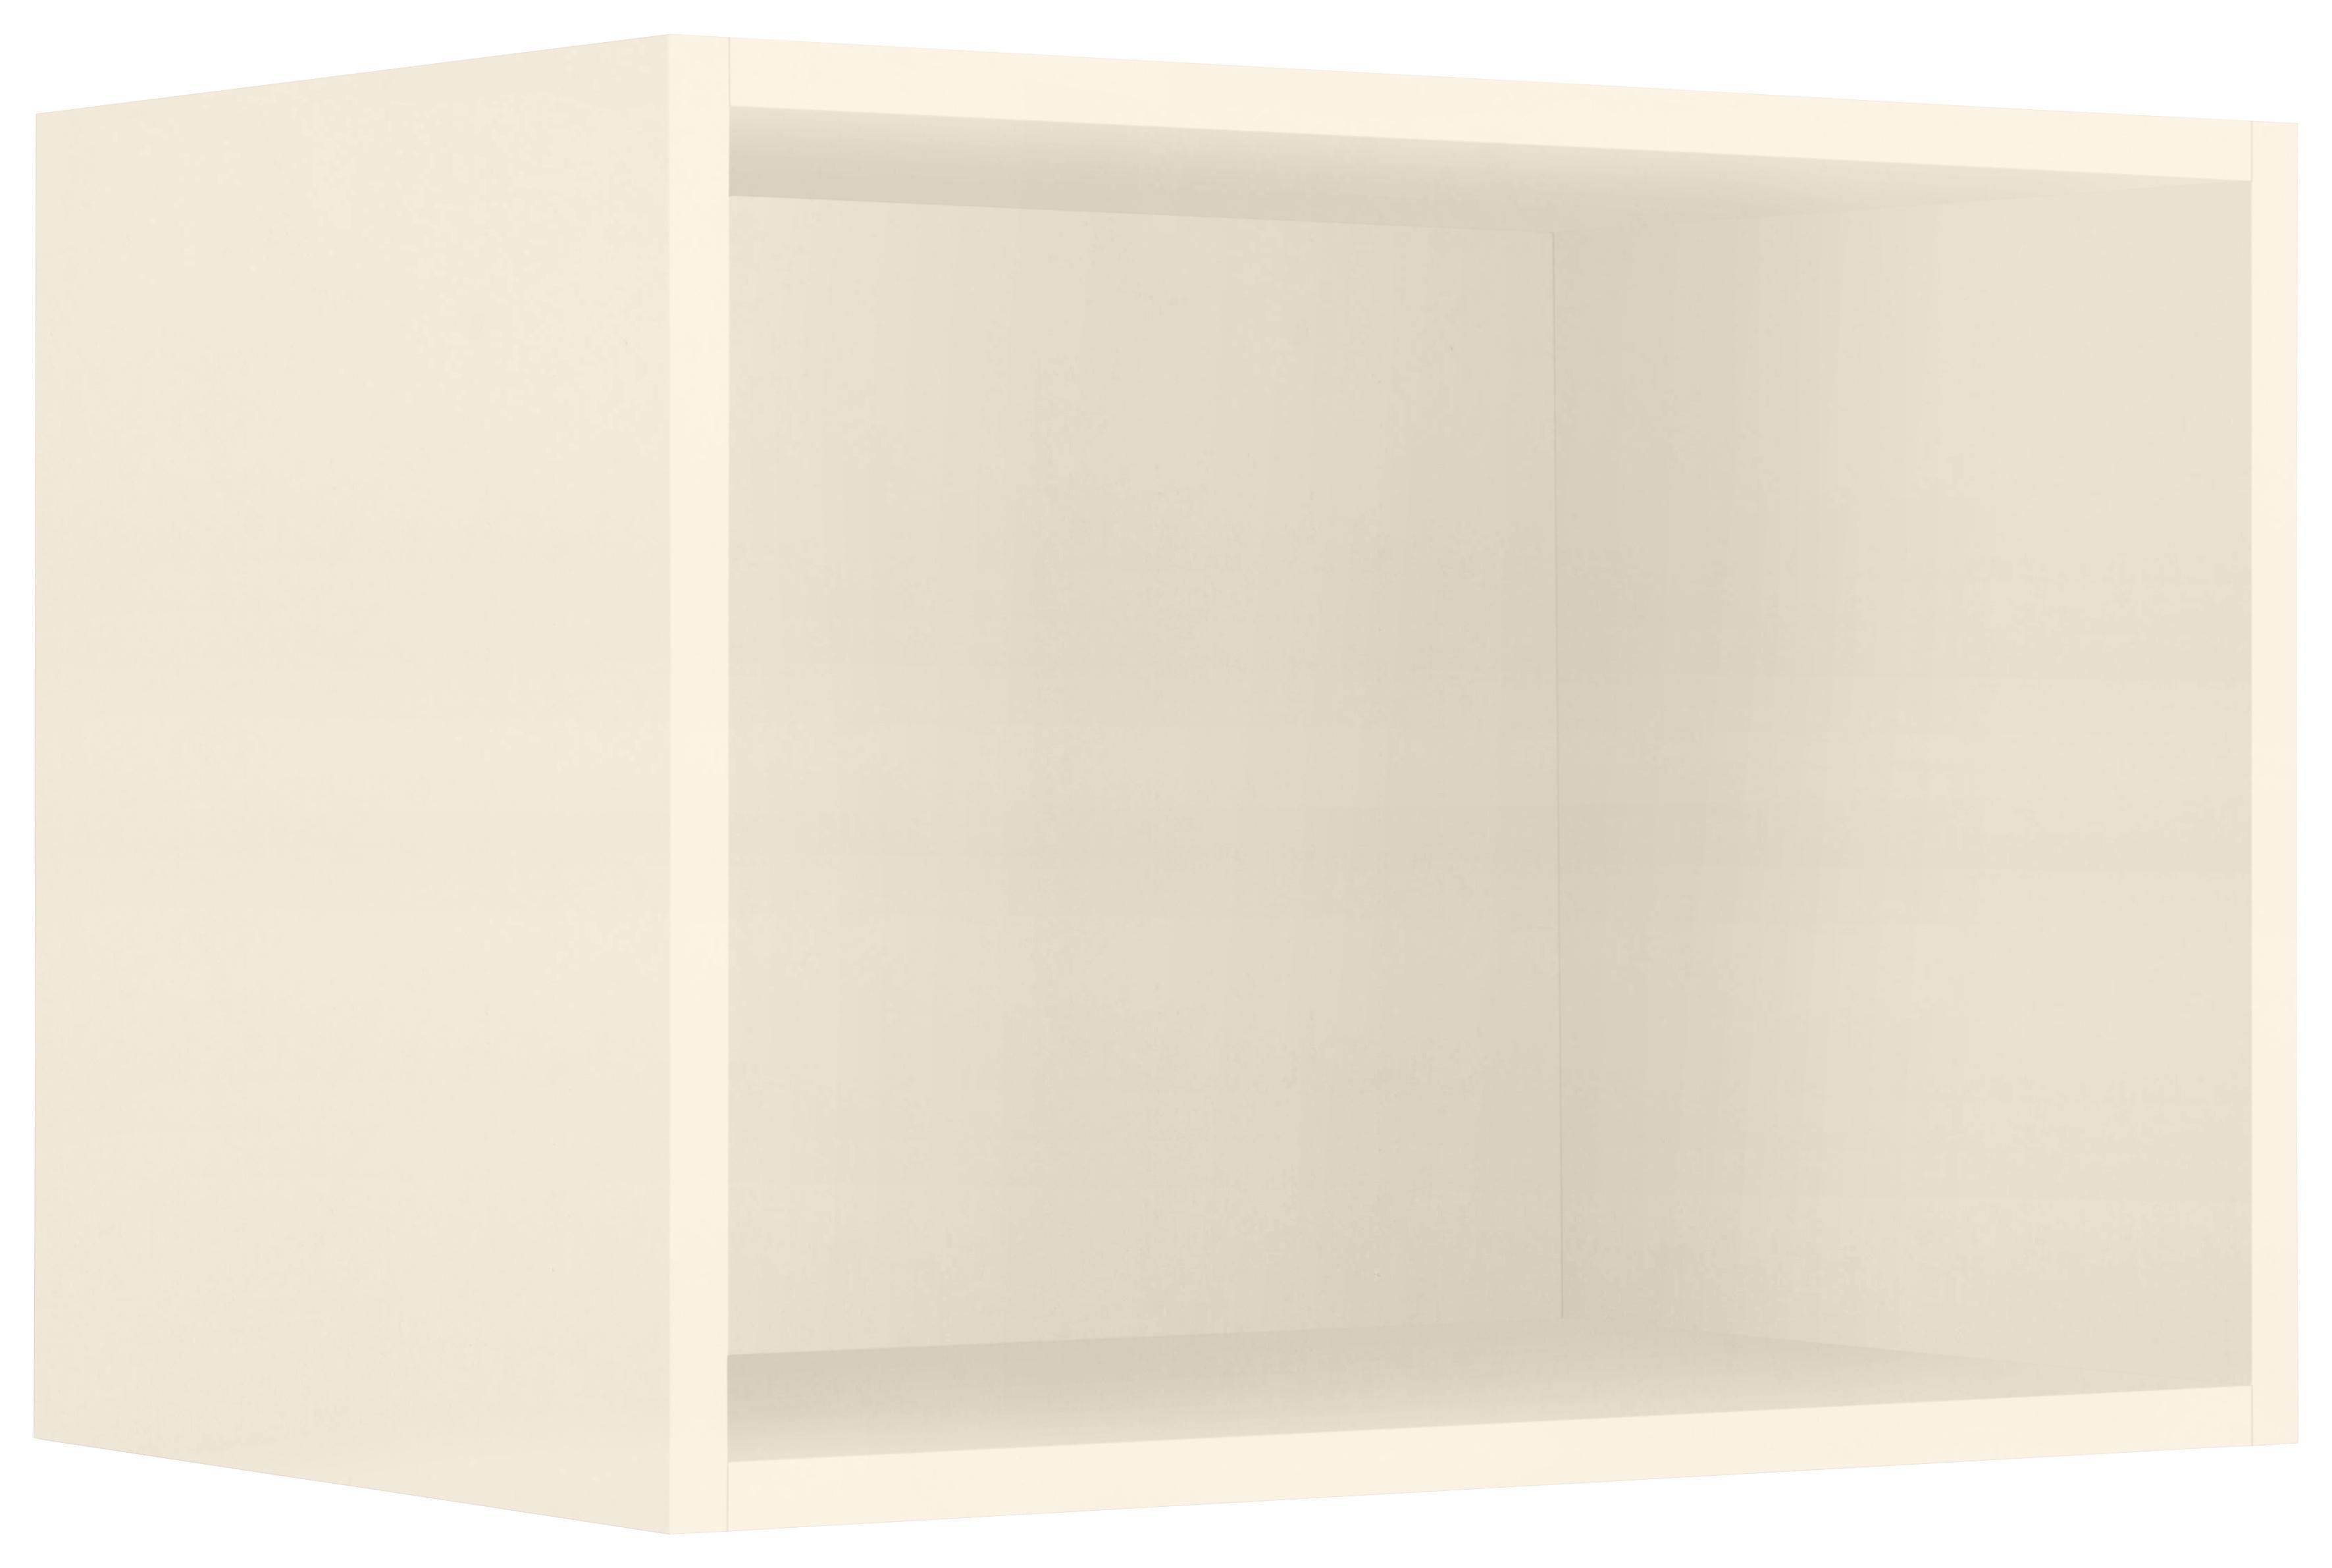 WIHO-Küchen Hängeregal »Flexi2«, Breite 50 cm | Küche und Esszimmer > Küchenregale > Küchen-Standregale | Natur | Melamin | WIHO KÜCHEN